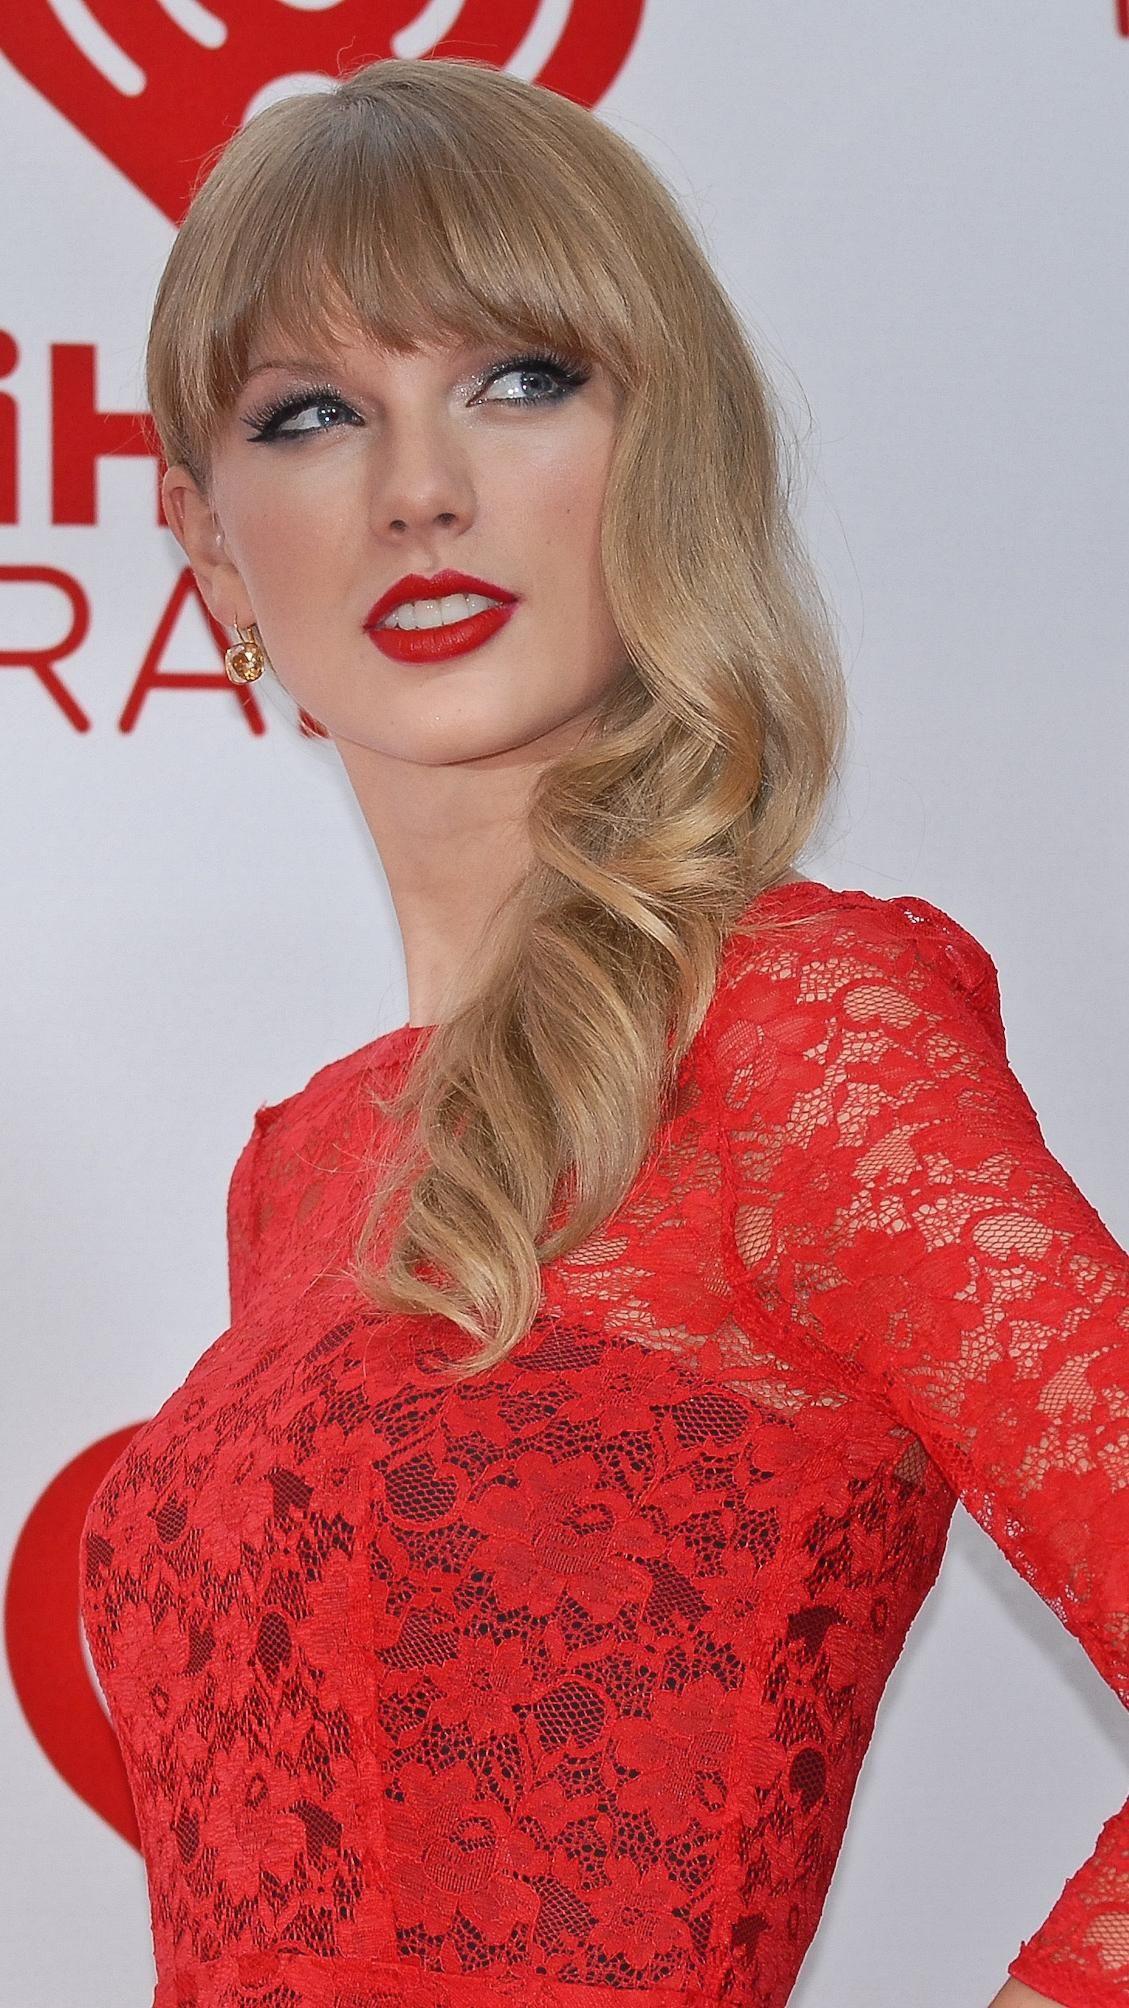 Taylor Swift   Taylor swift legs, Taylor swift hot, Taylor